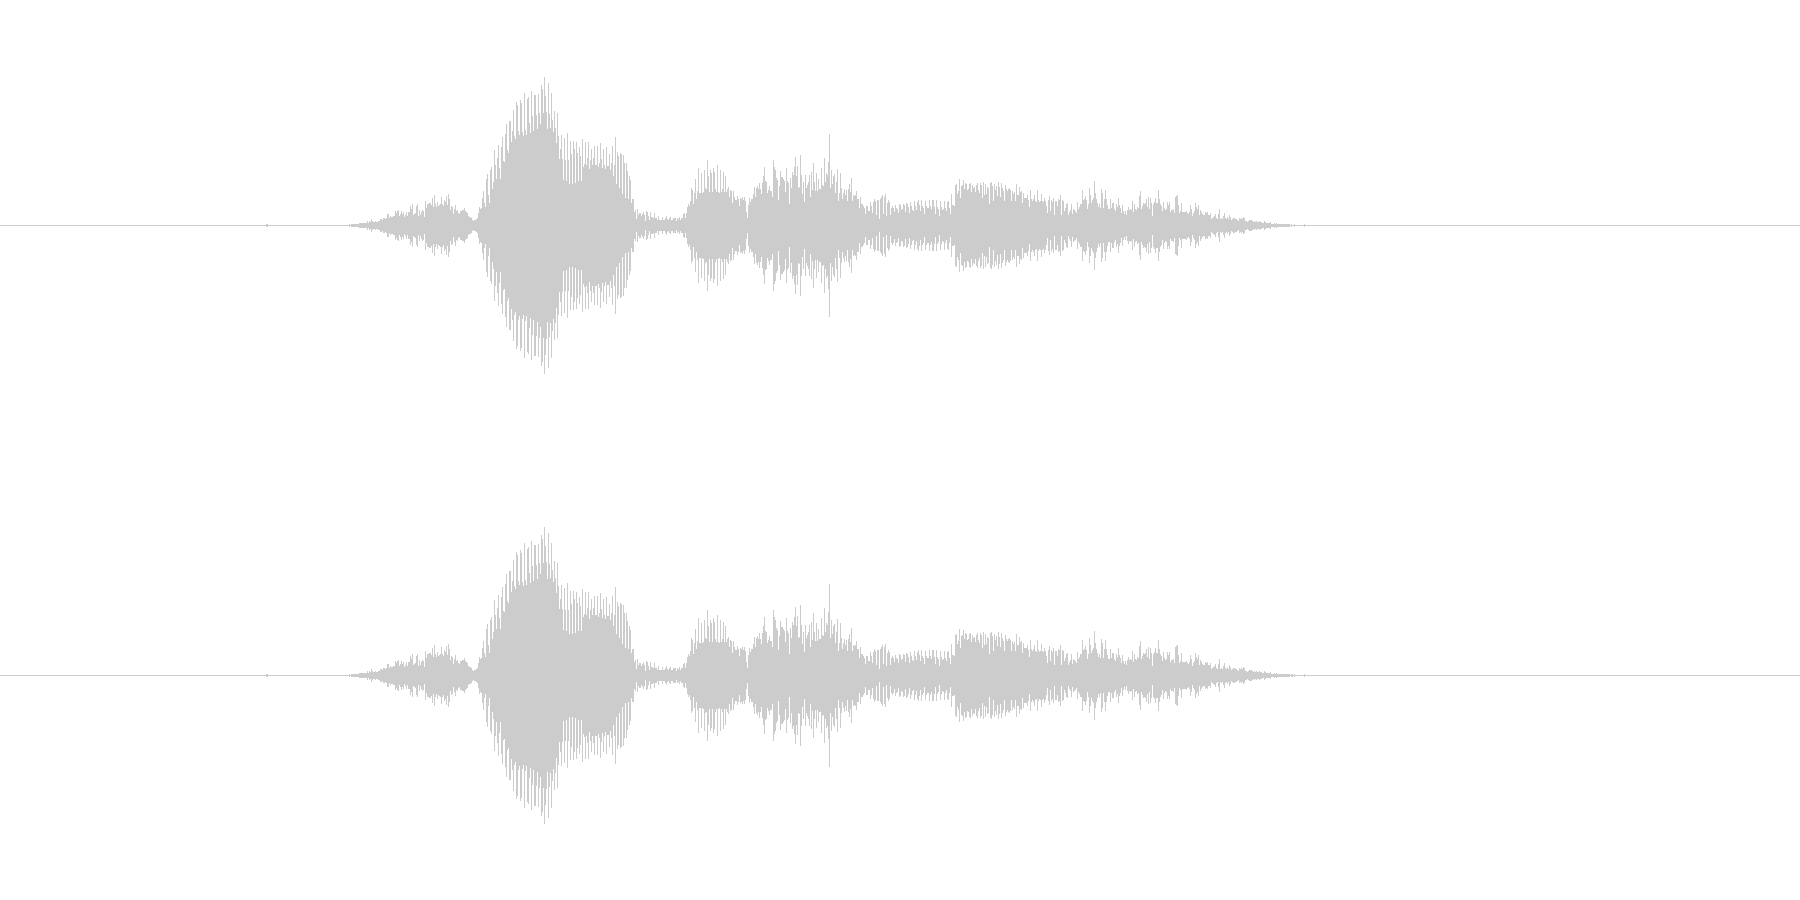 【システム】セーブします - 2の未再生の波形